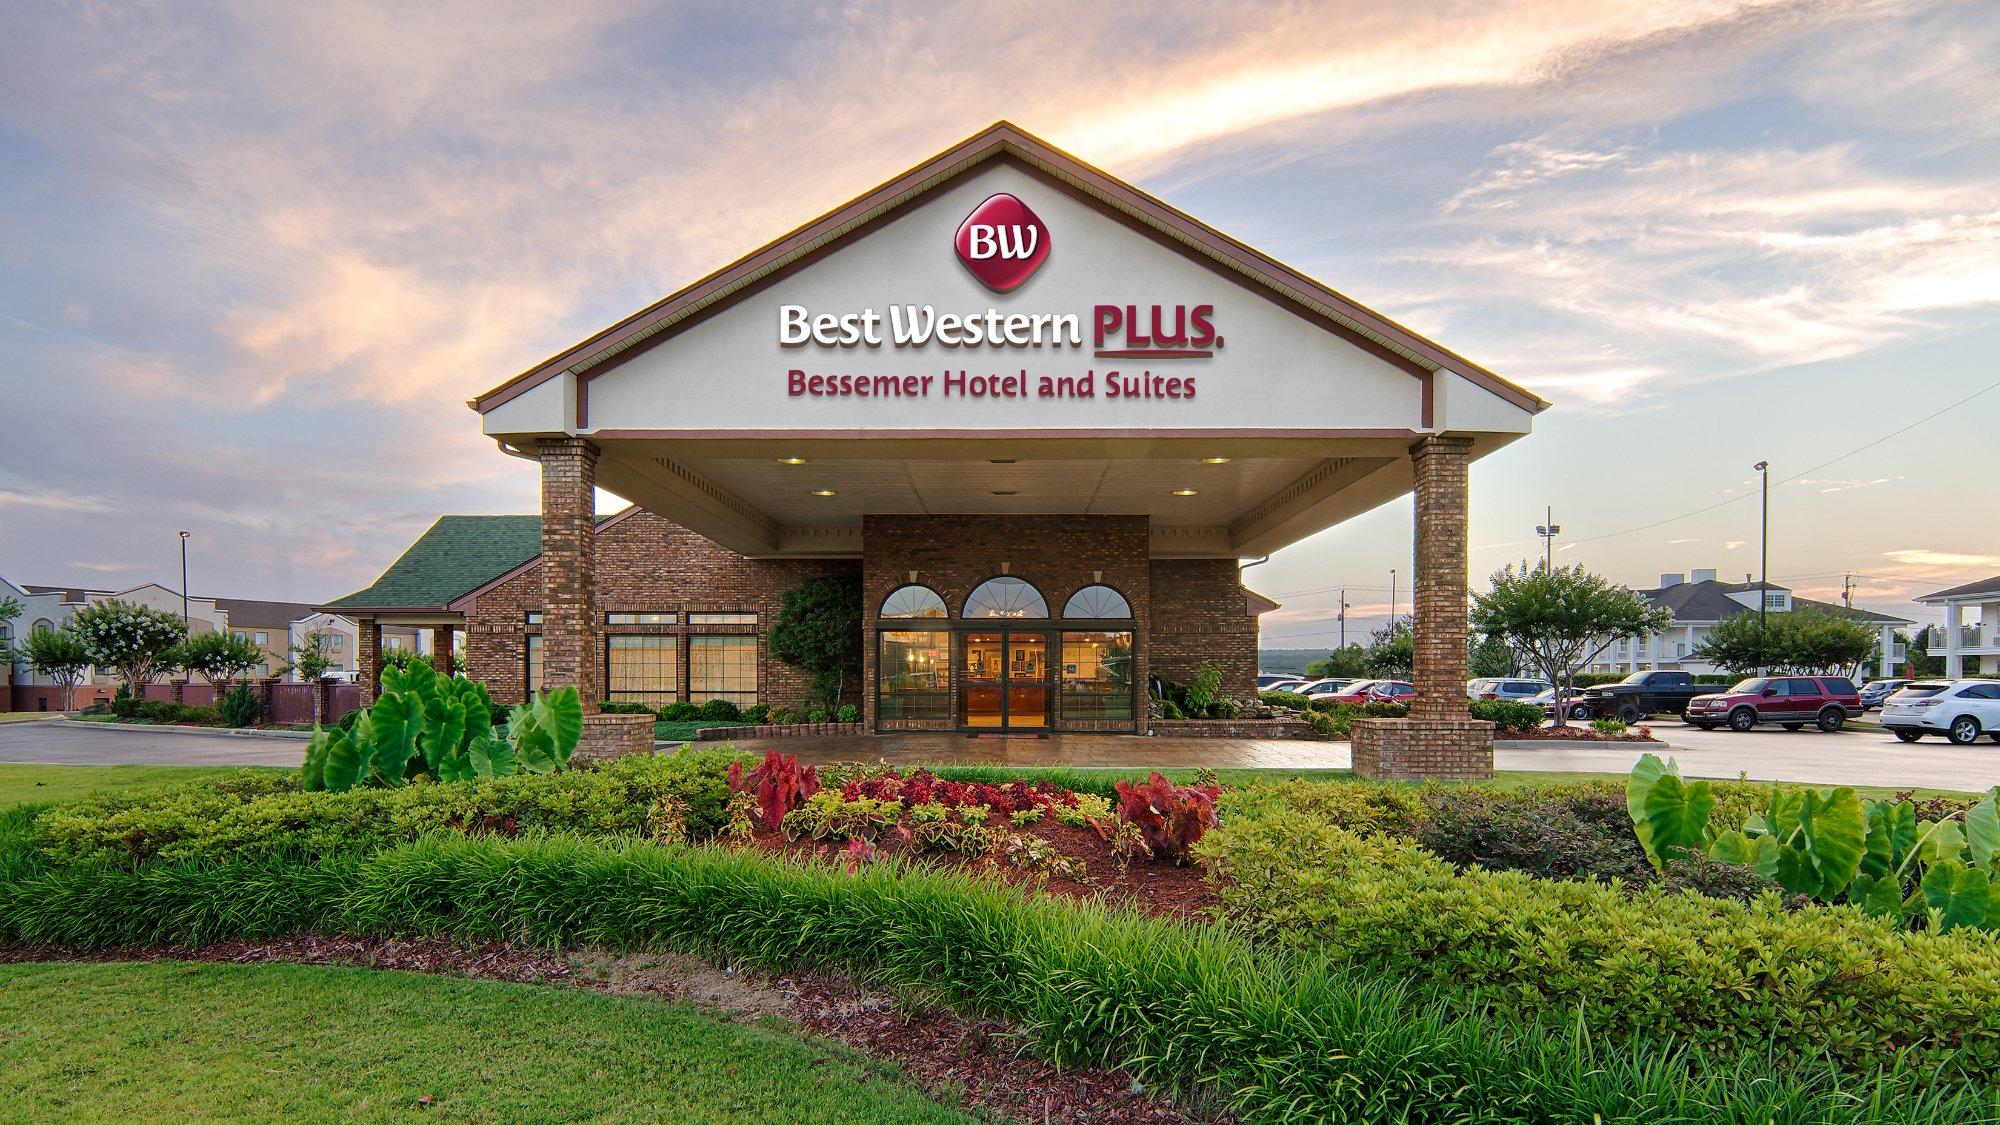 Best Western Plus Bessemer Hotel & Suites